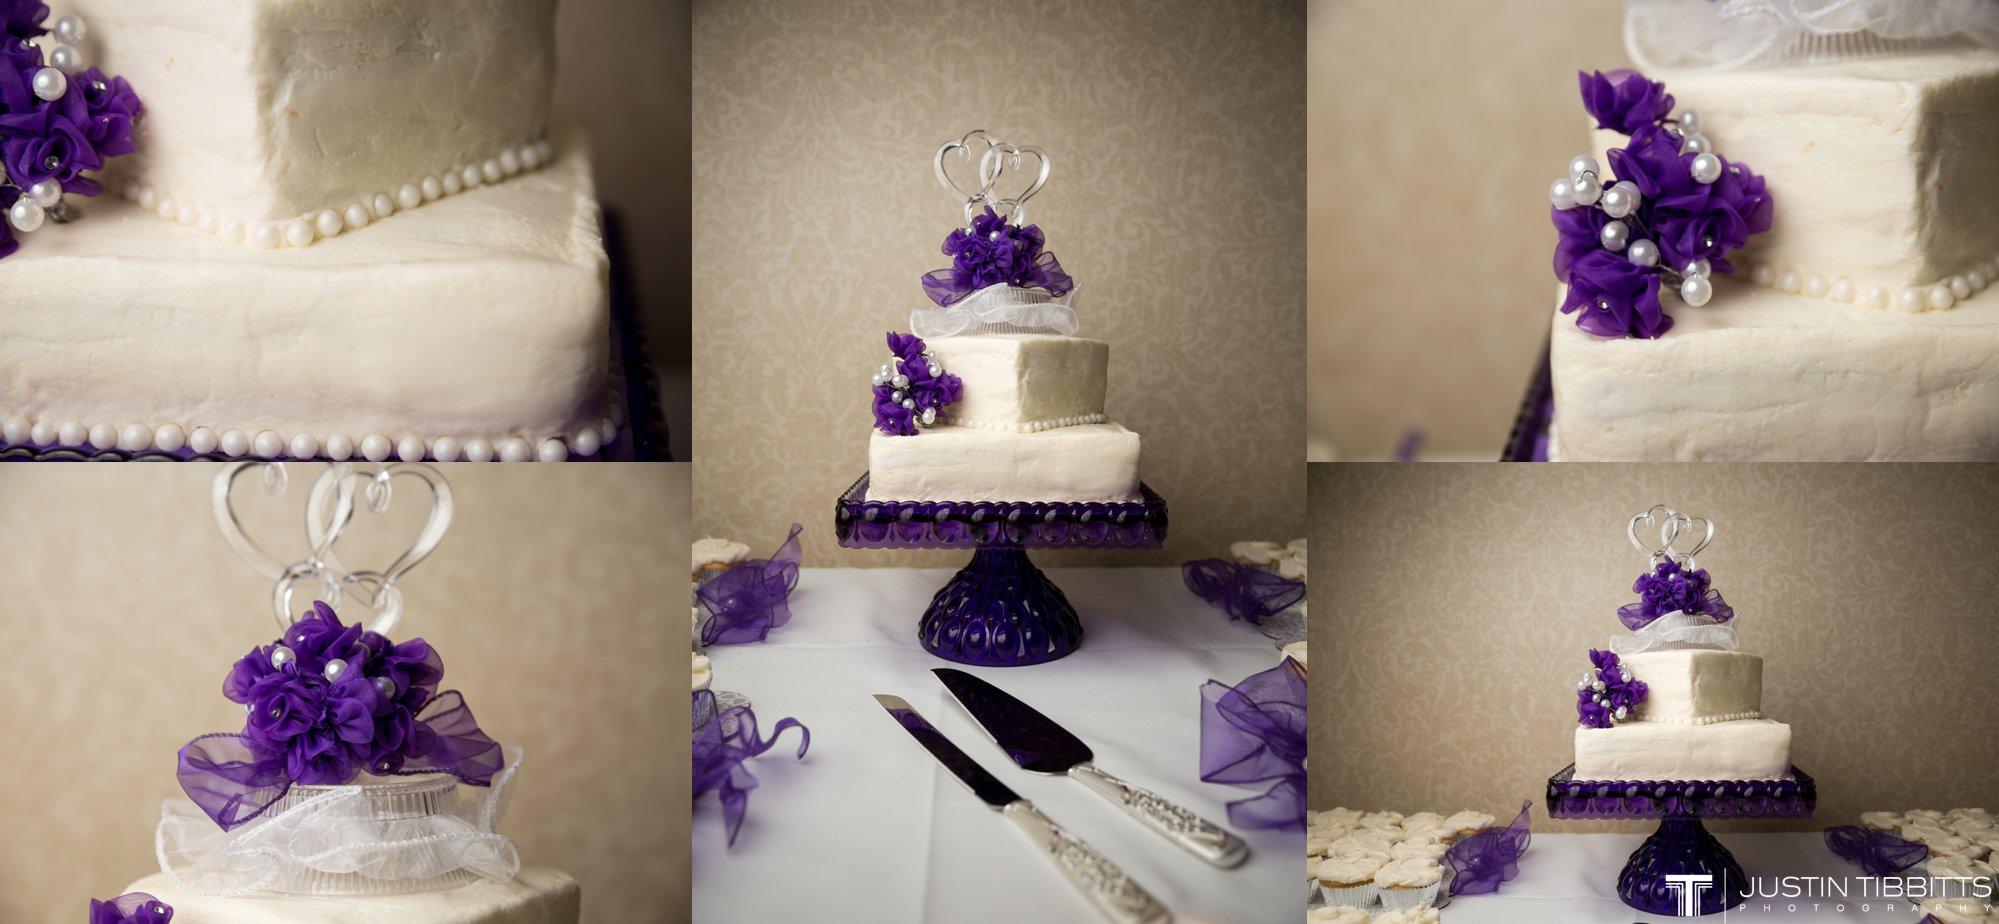 Albany NY Wedding Photographer Justin Tibbitts Photography 2014 Best of Albany NY Weddings-2310789259362